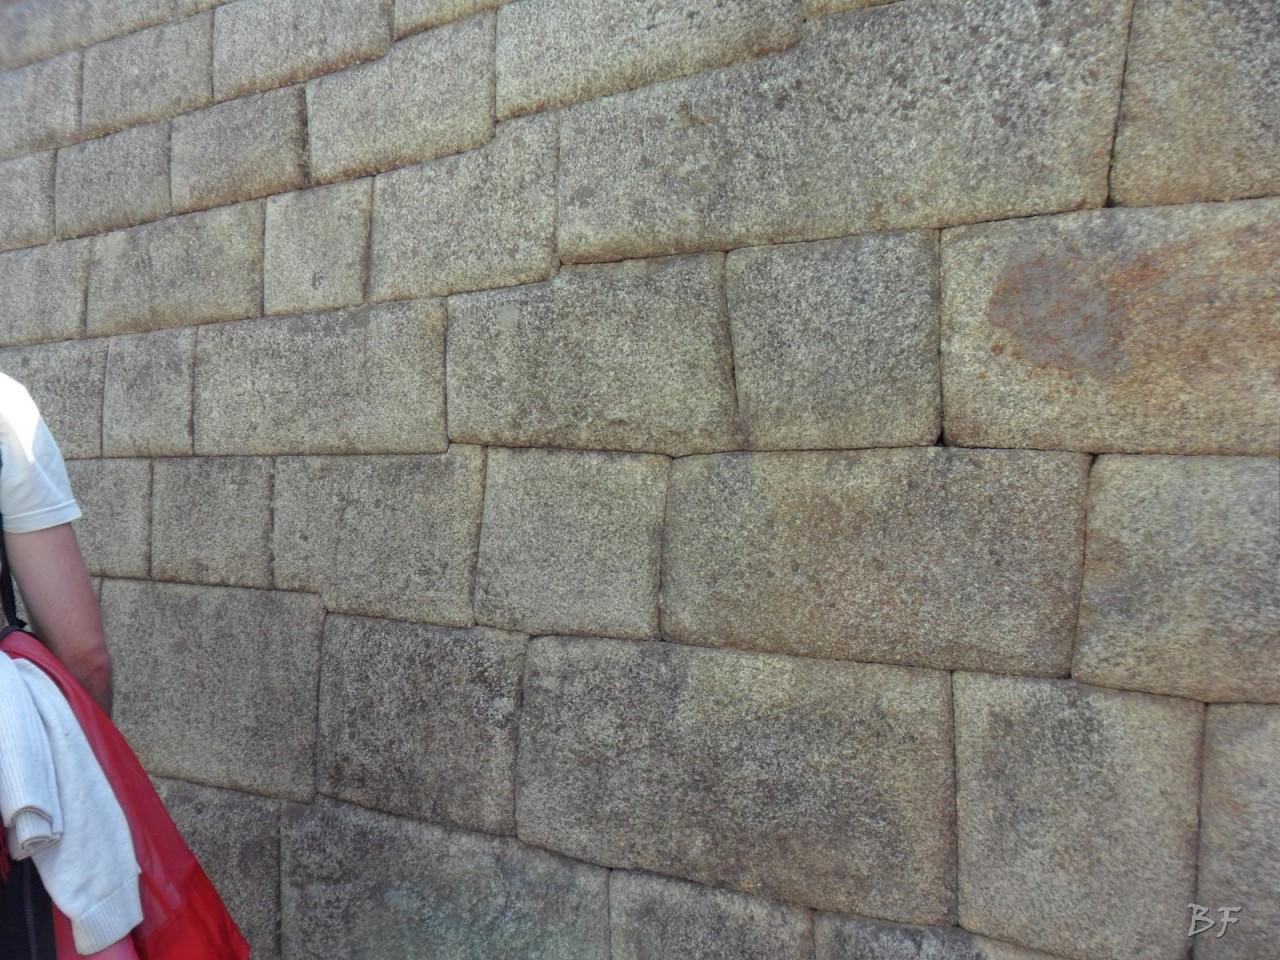 Mura-Poligonali-Incisioni-Altari-Edifici-Rupestri-Megaliti-Machu-Picchu-Aguas-Calientes-Urubamba-Cusco-Perù-28